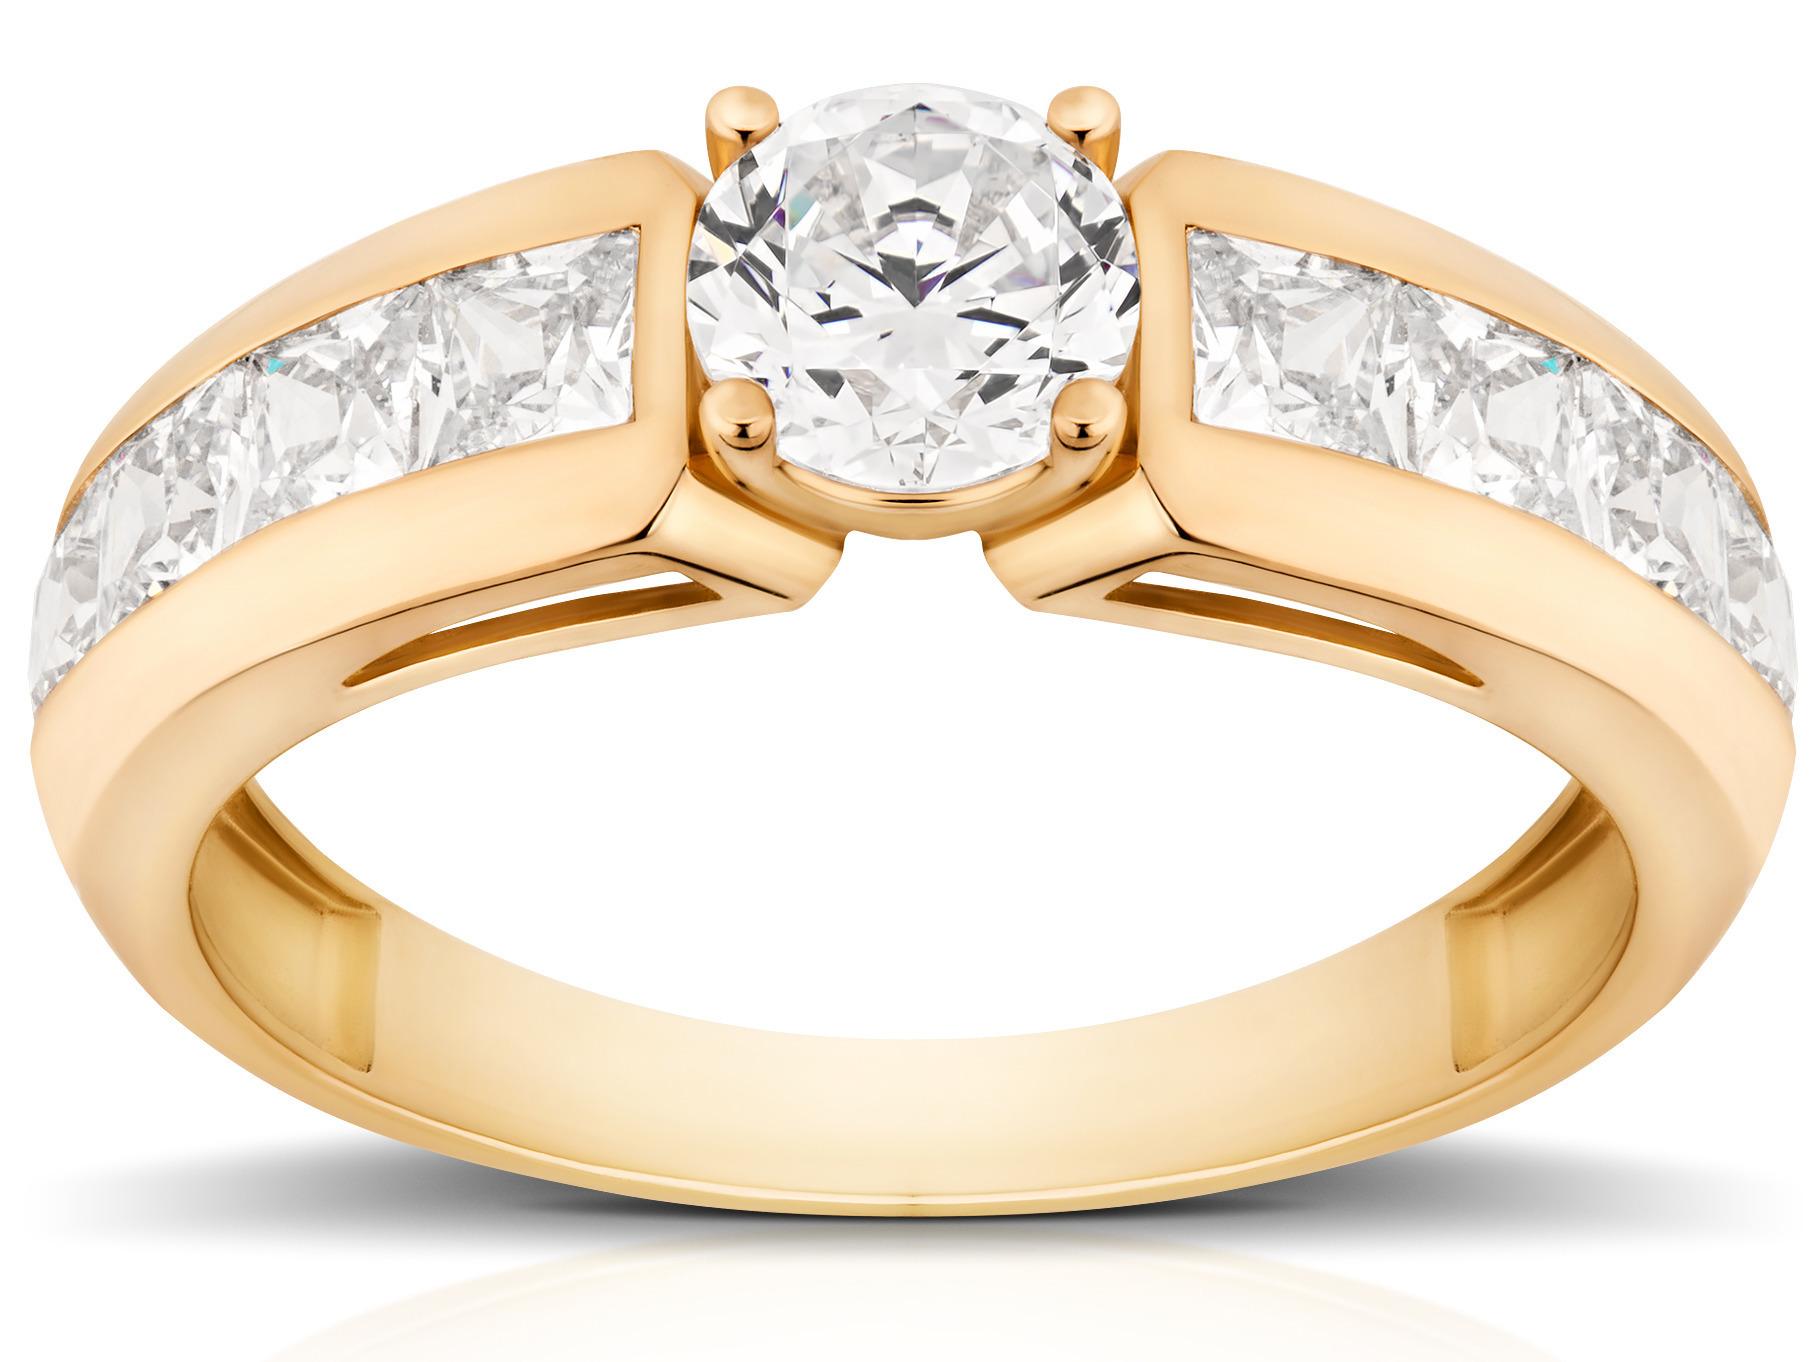 Złoty Pierścionek Zaręczynowy 585 Królewski W Wa 6888388248